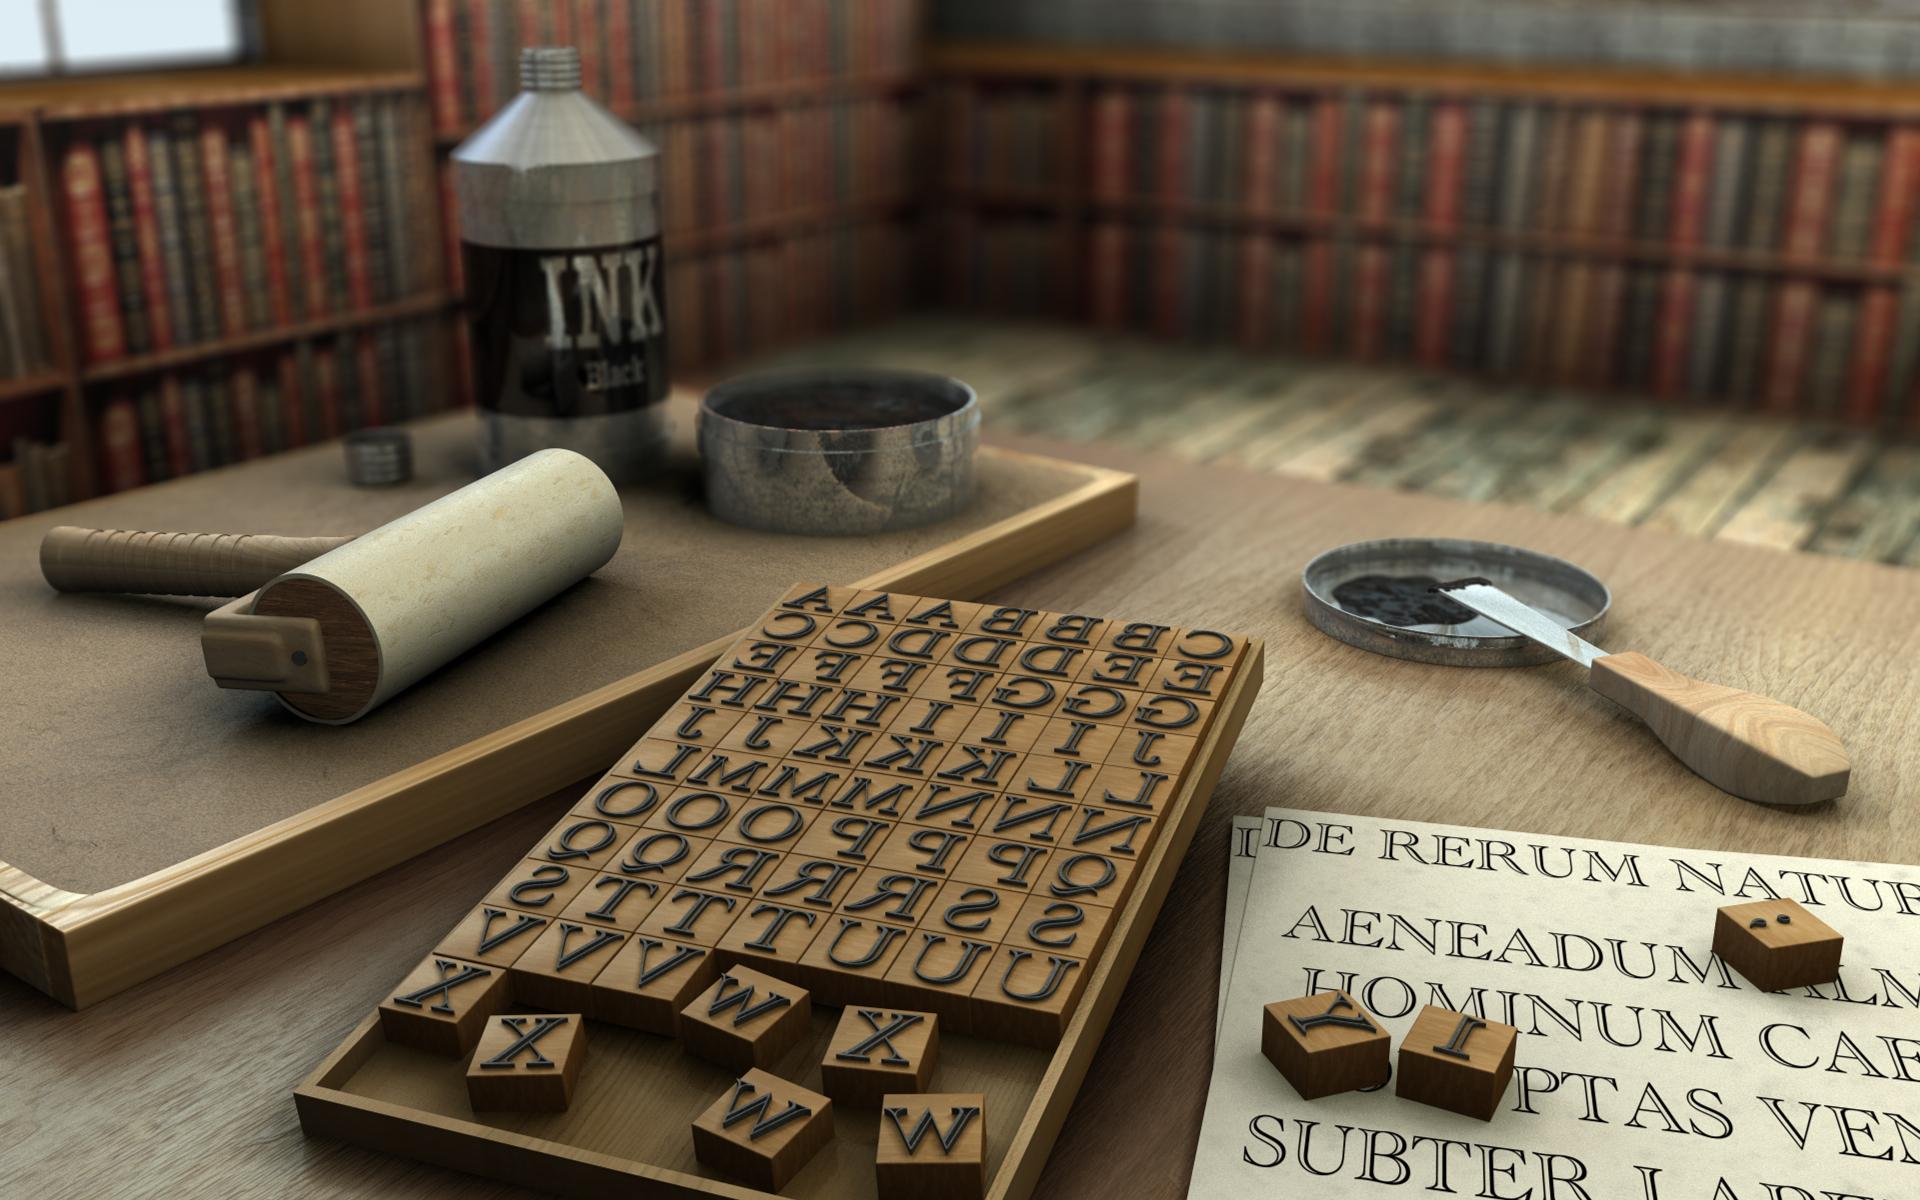 Libri e librai nel XVI secolo